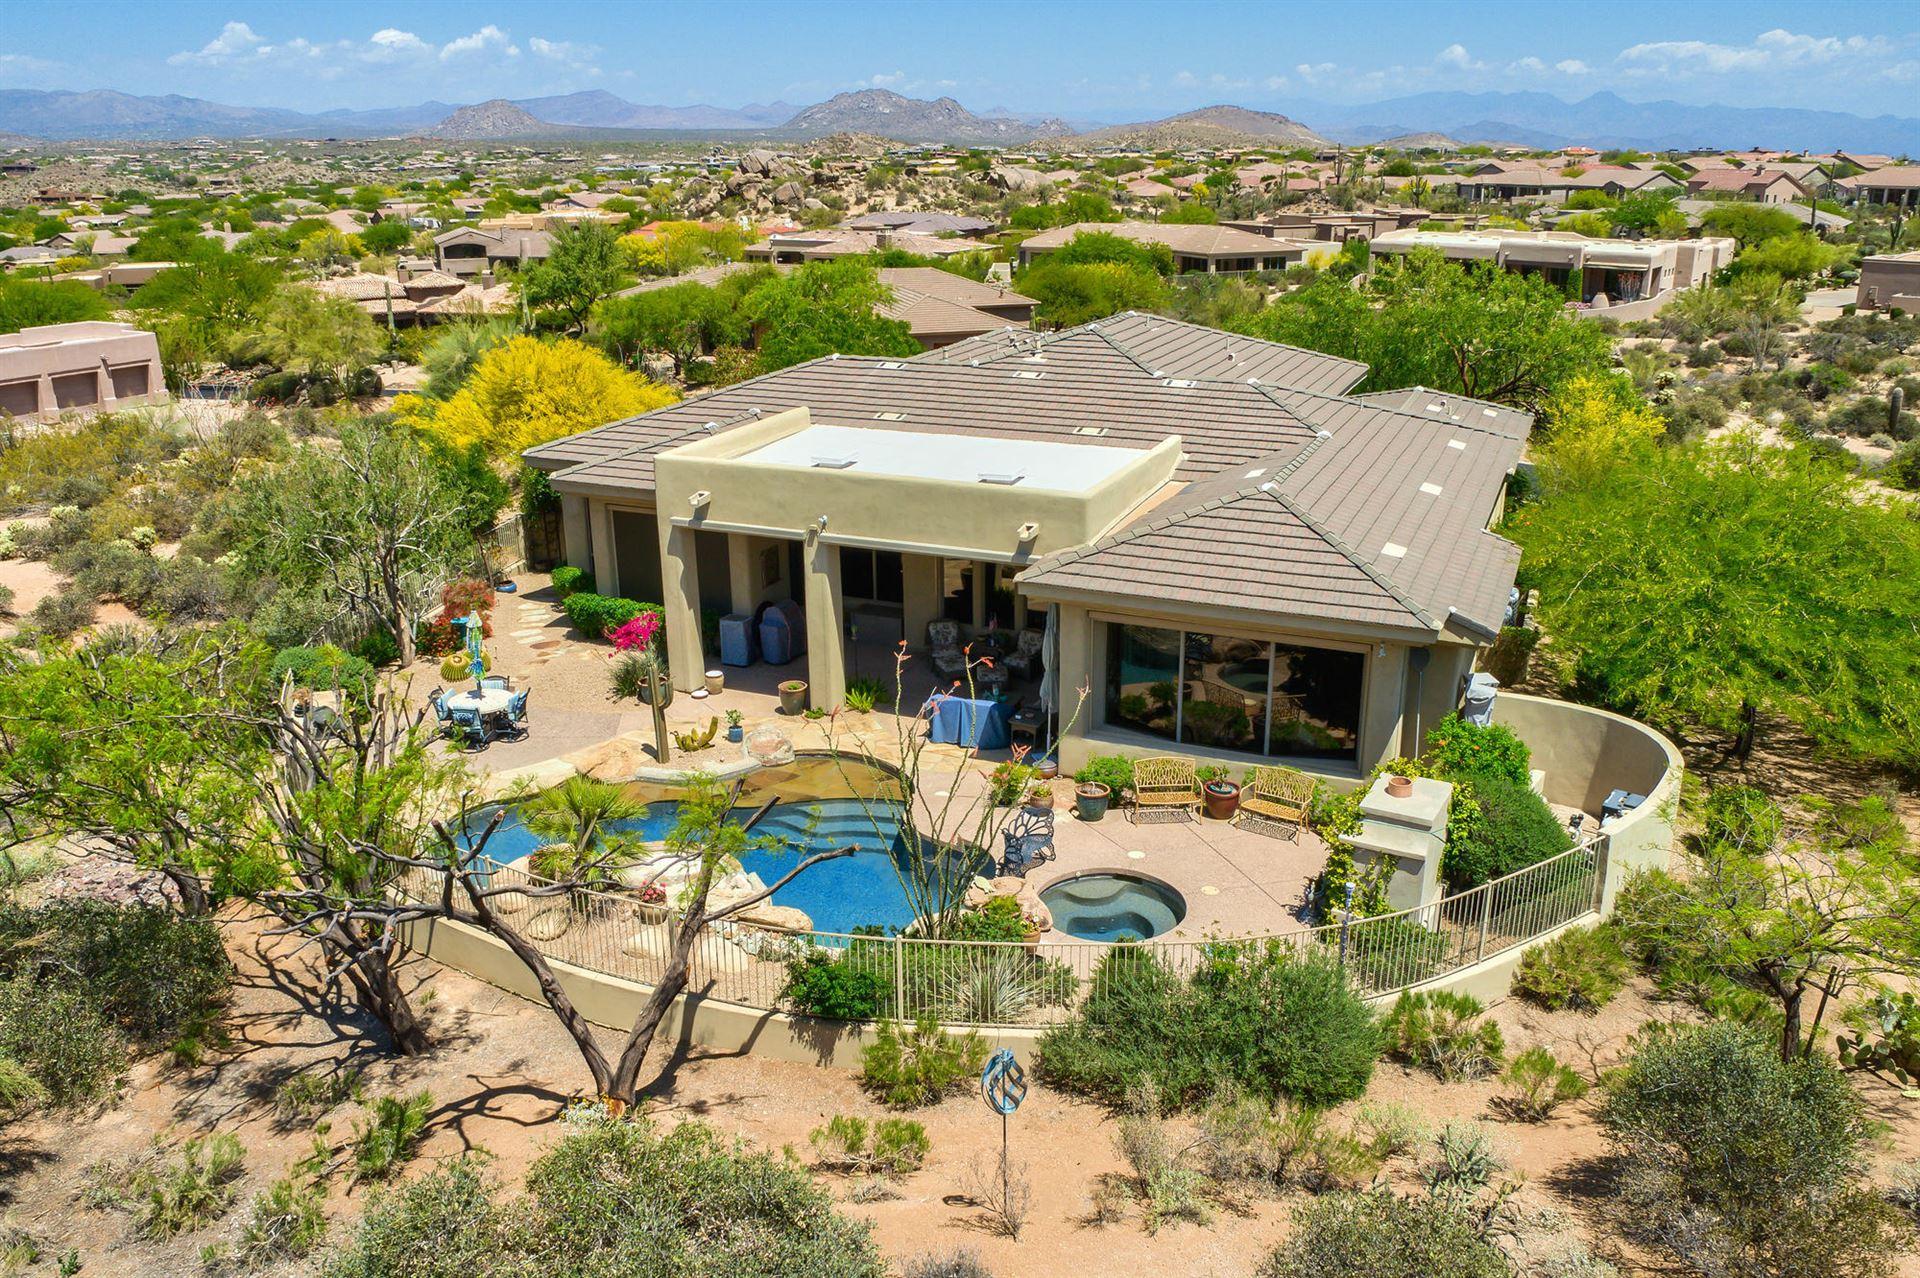 11413 E TROON MOUNTAIN Drive, Scottsdale, AZ 85255 - MLS#: 6229245